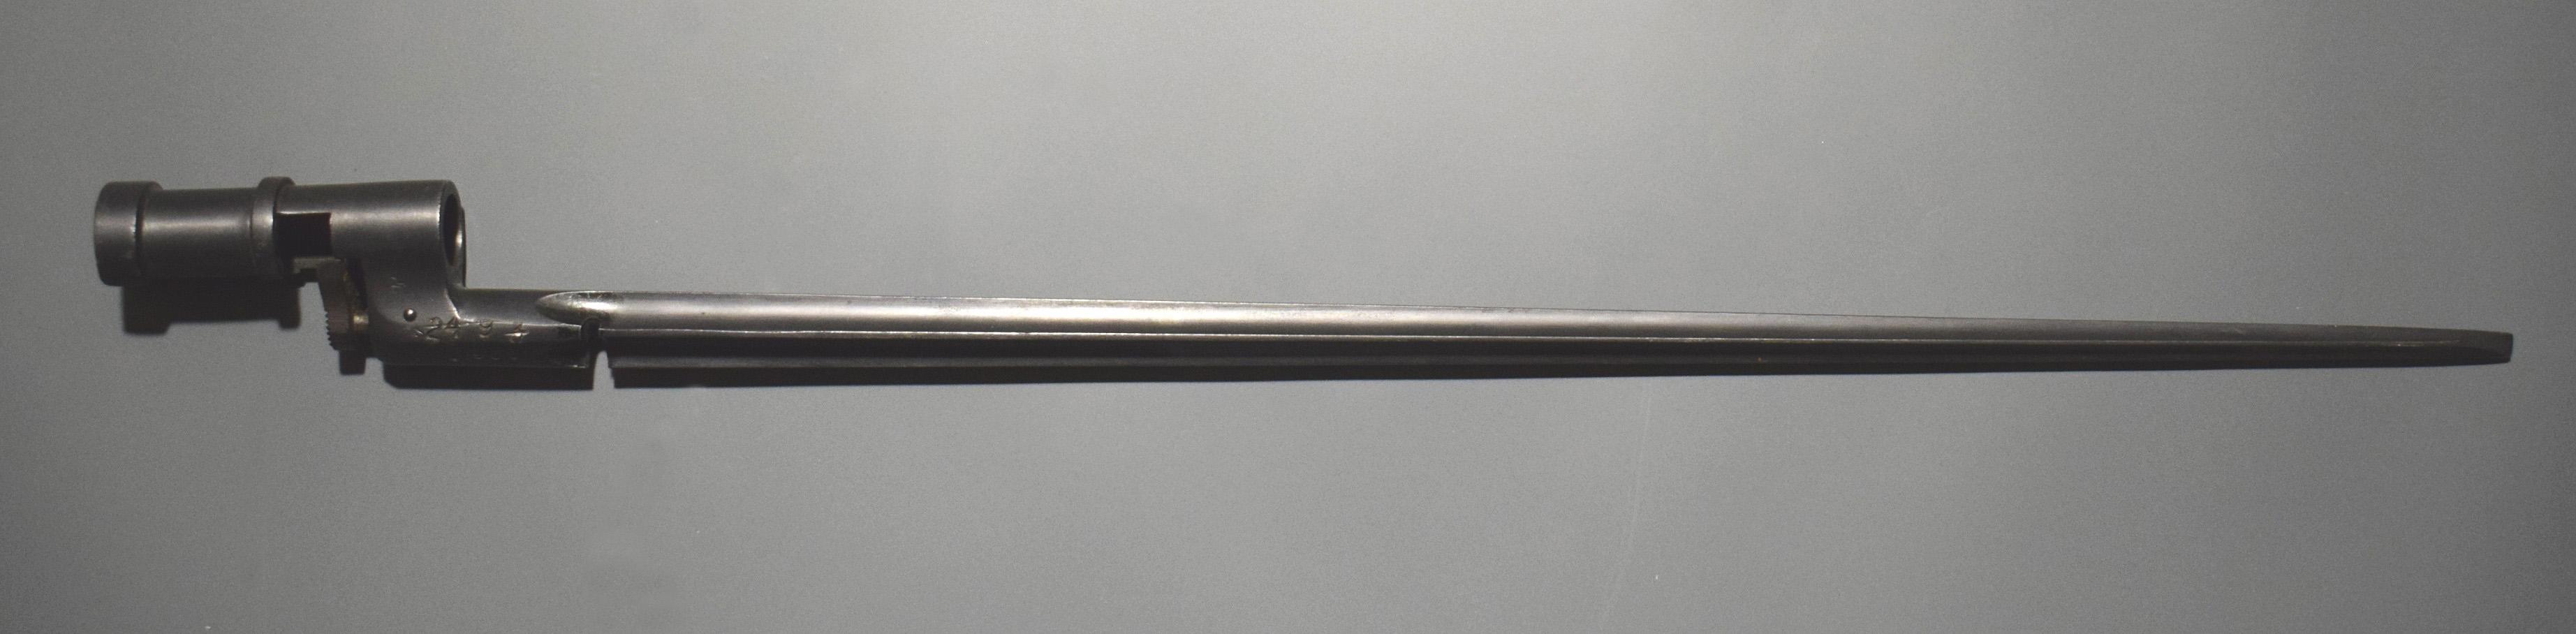 Багнет 4-гранний до гвинтівки Мосіна